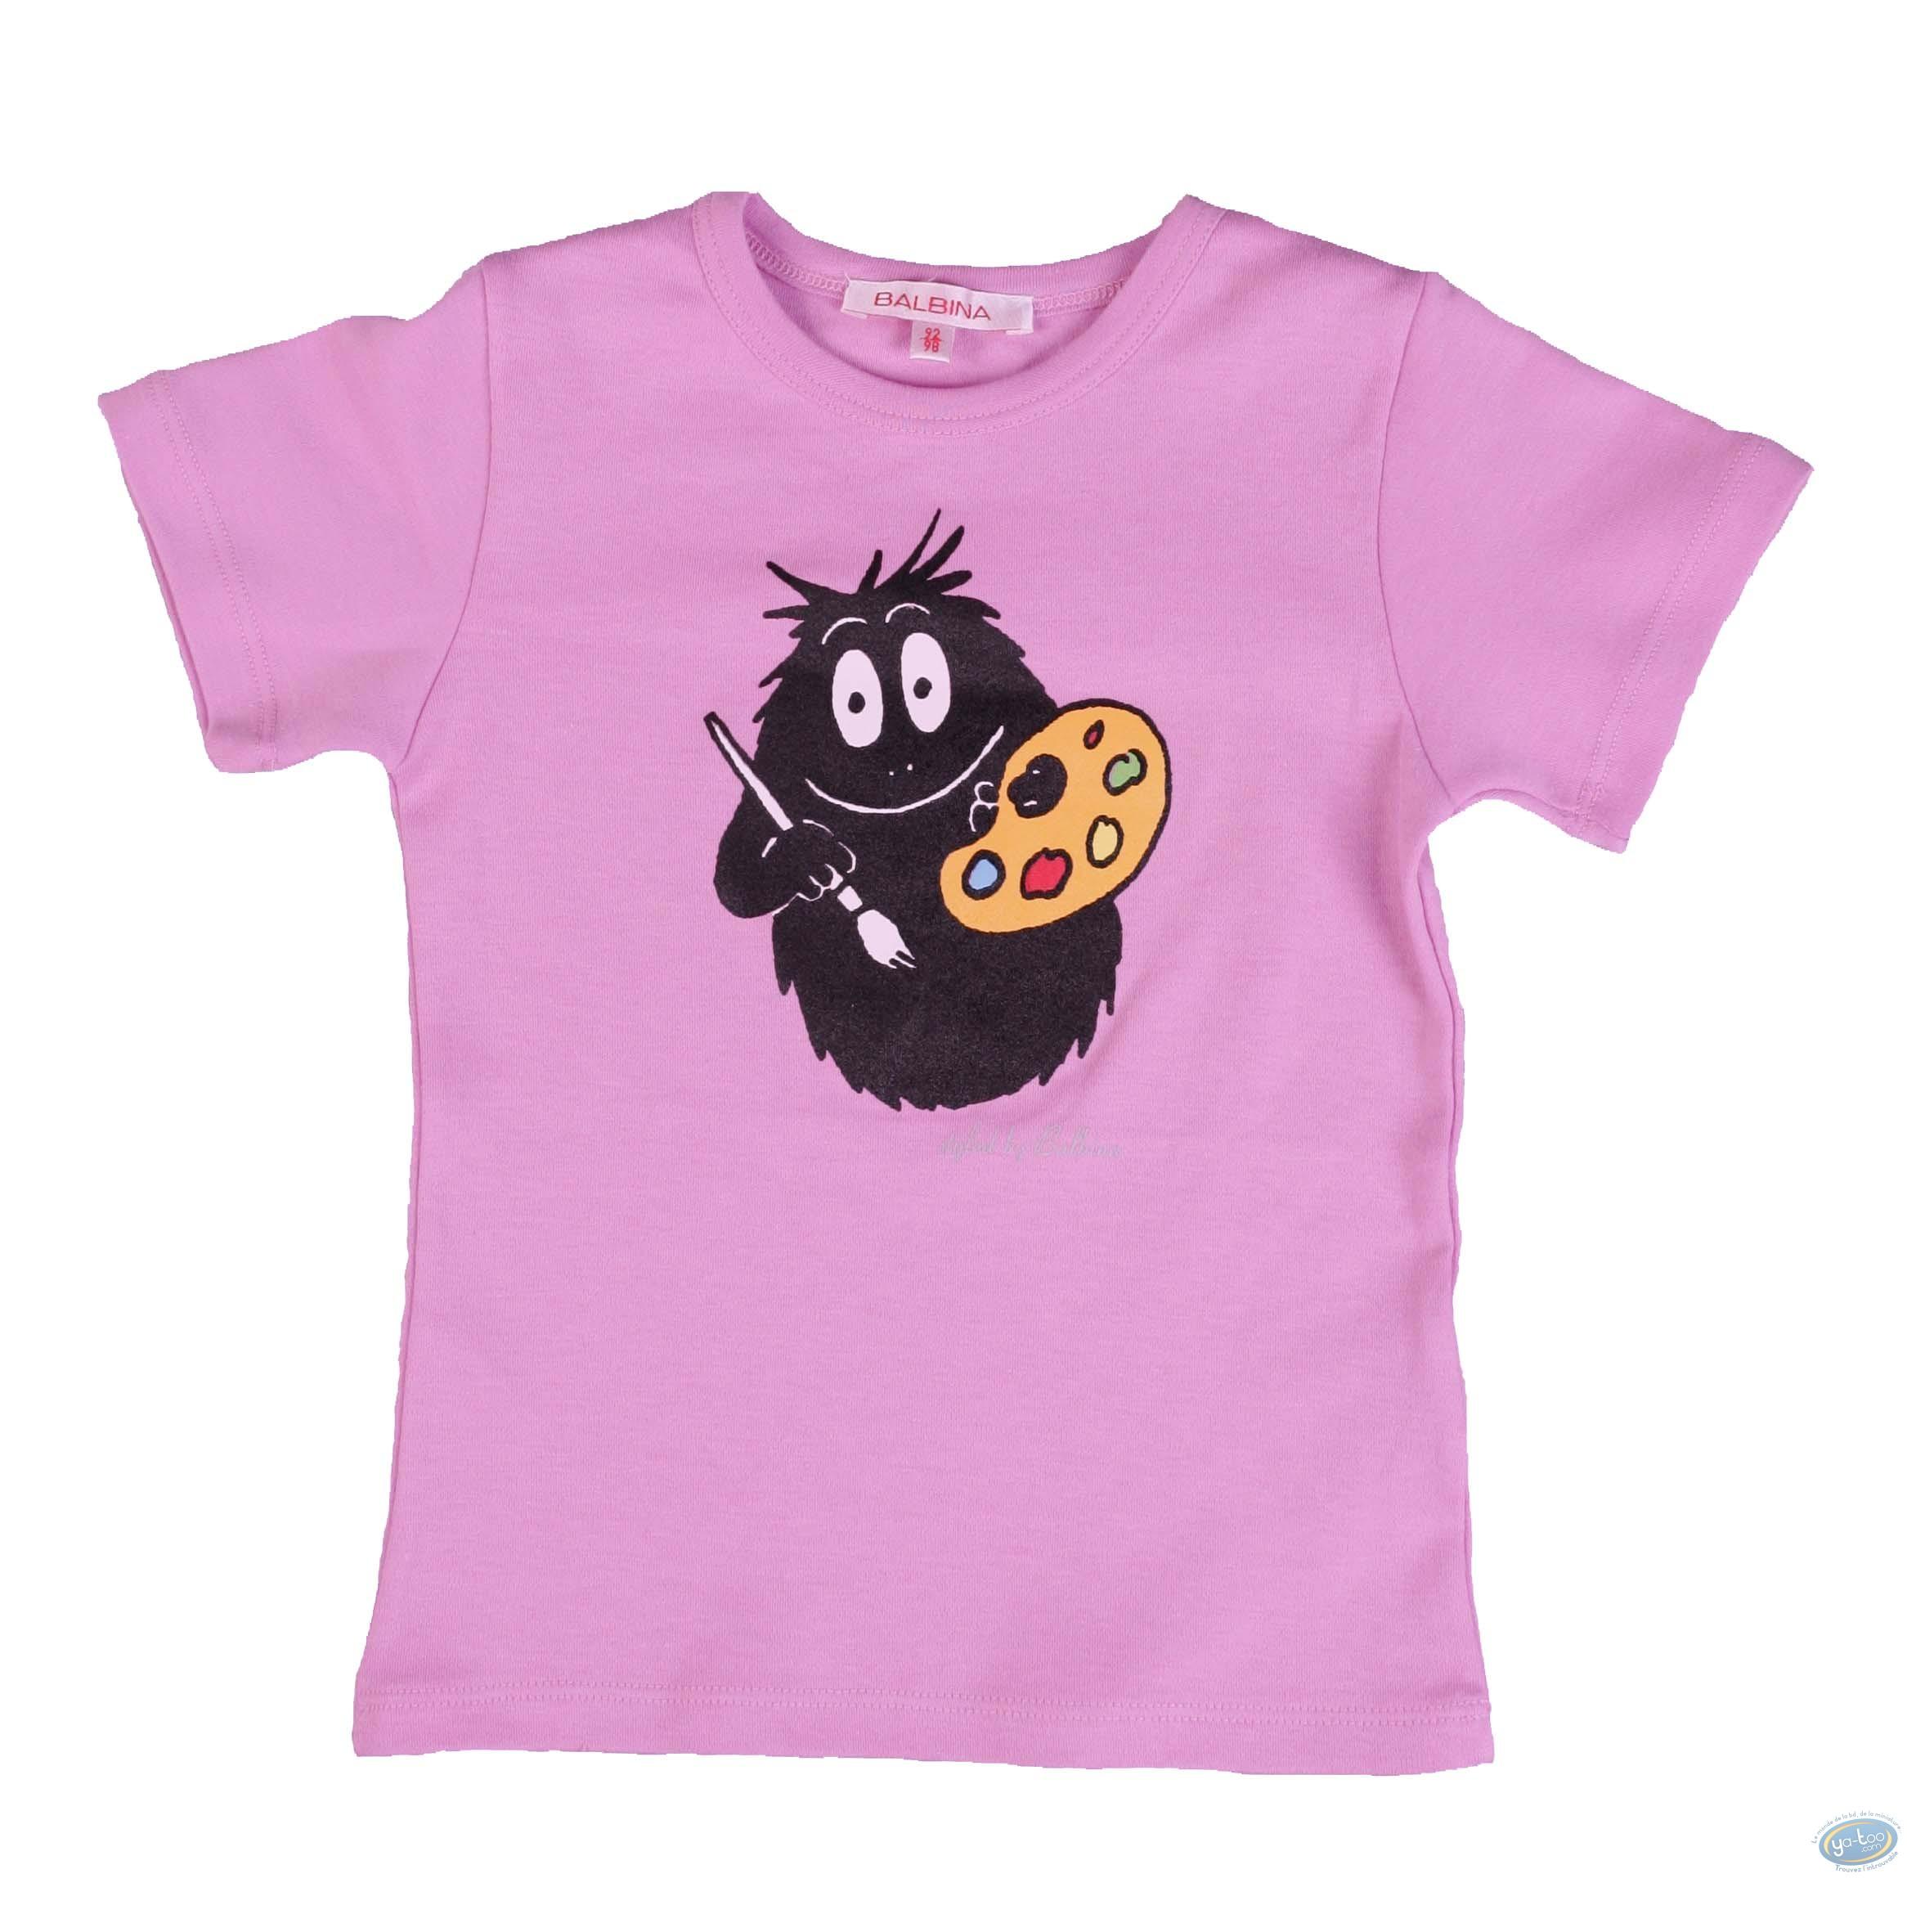 Vêtement, Barbapapa : T-shirt manches courtes lilas Barbapapa pour enfant : taille 116/122, peintre